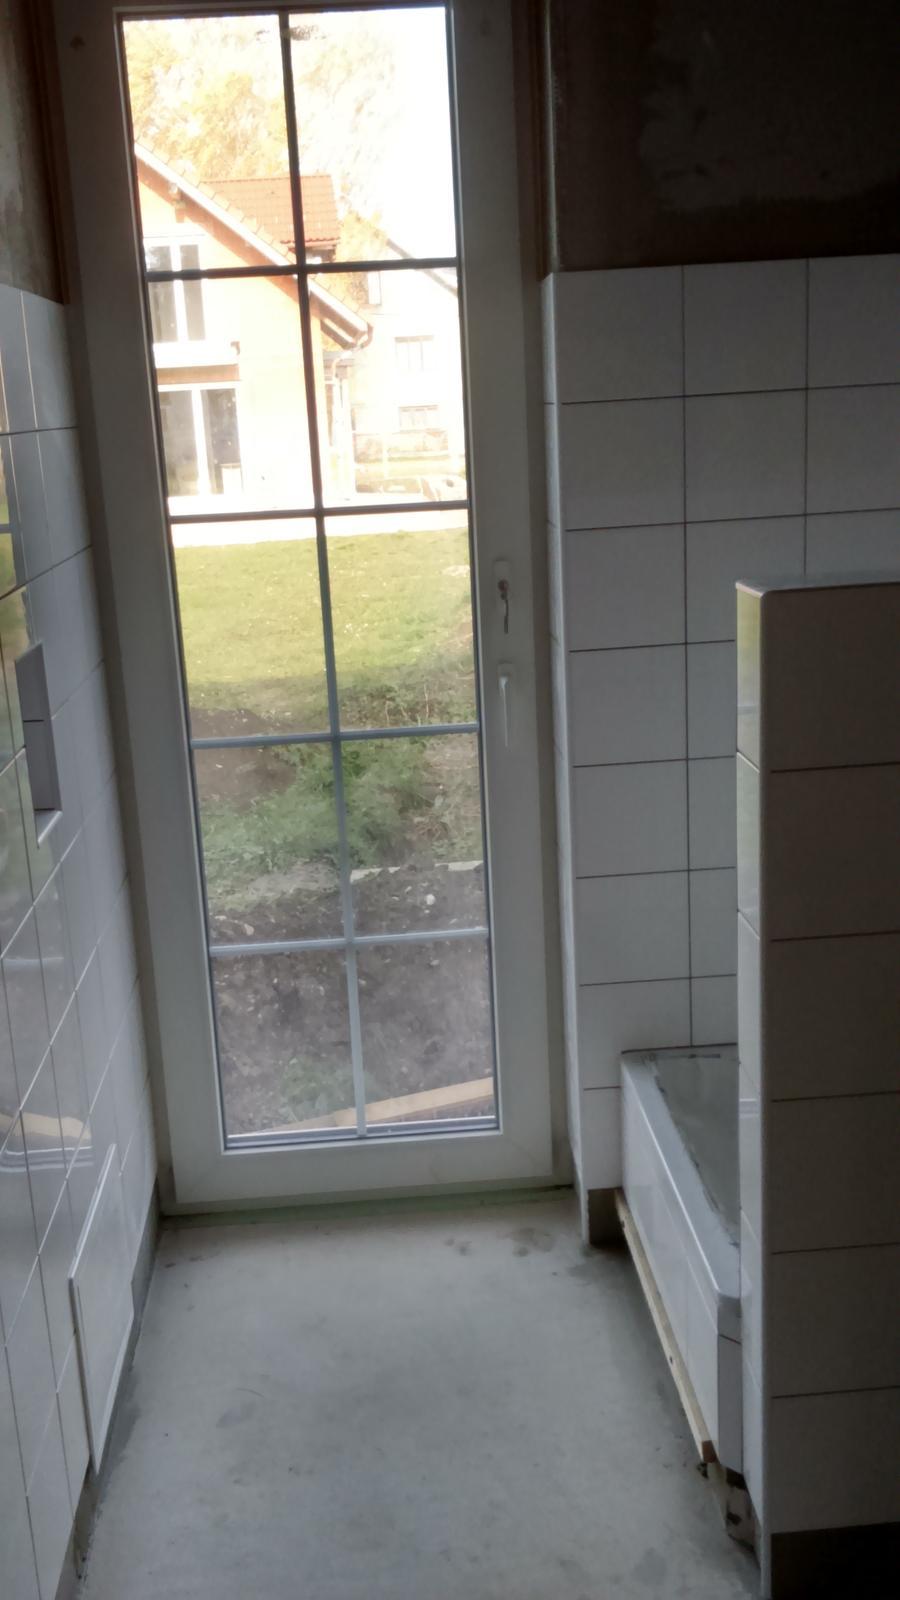 Náš nový domov - sprchovaci kút pre Badika :-)